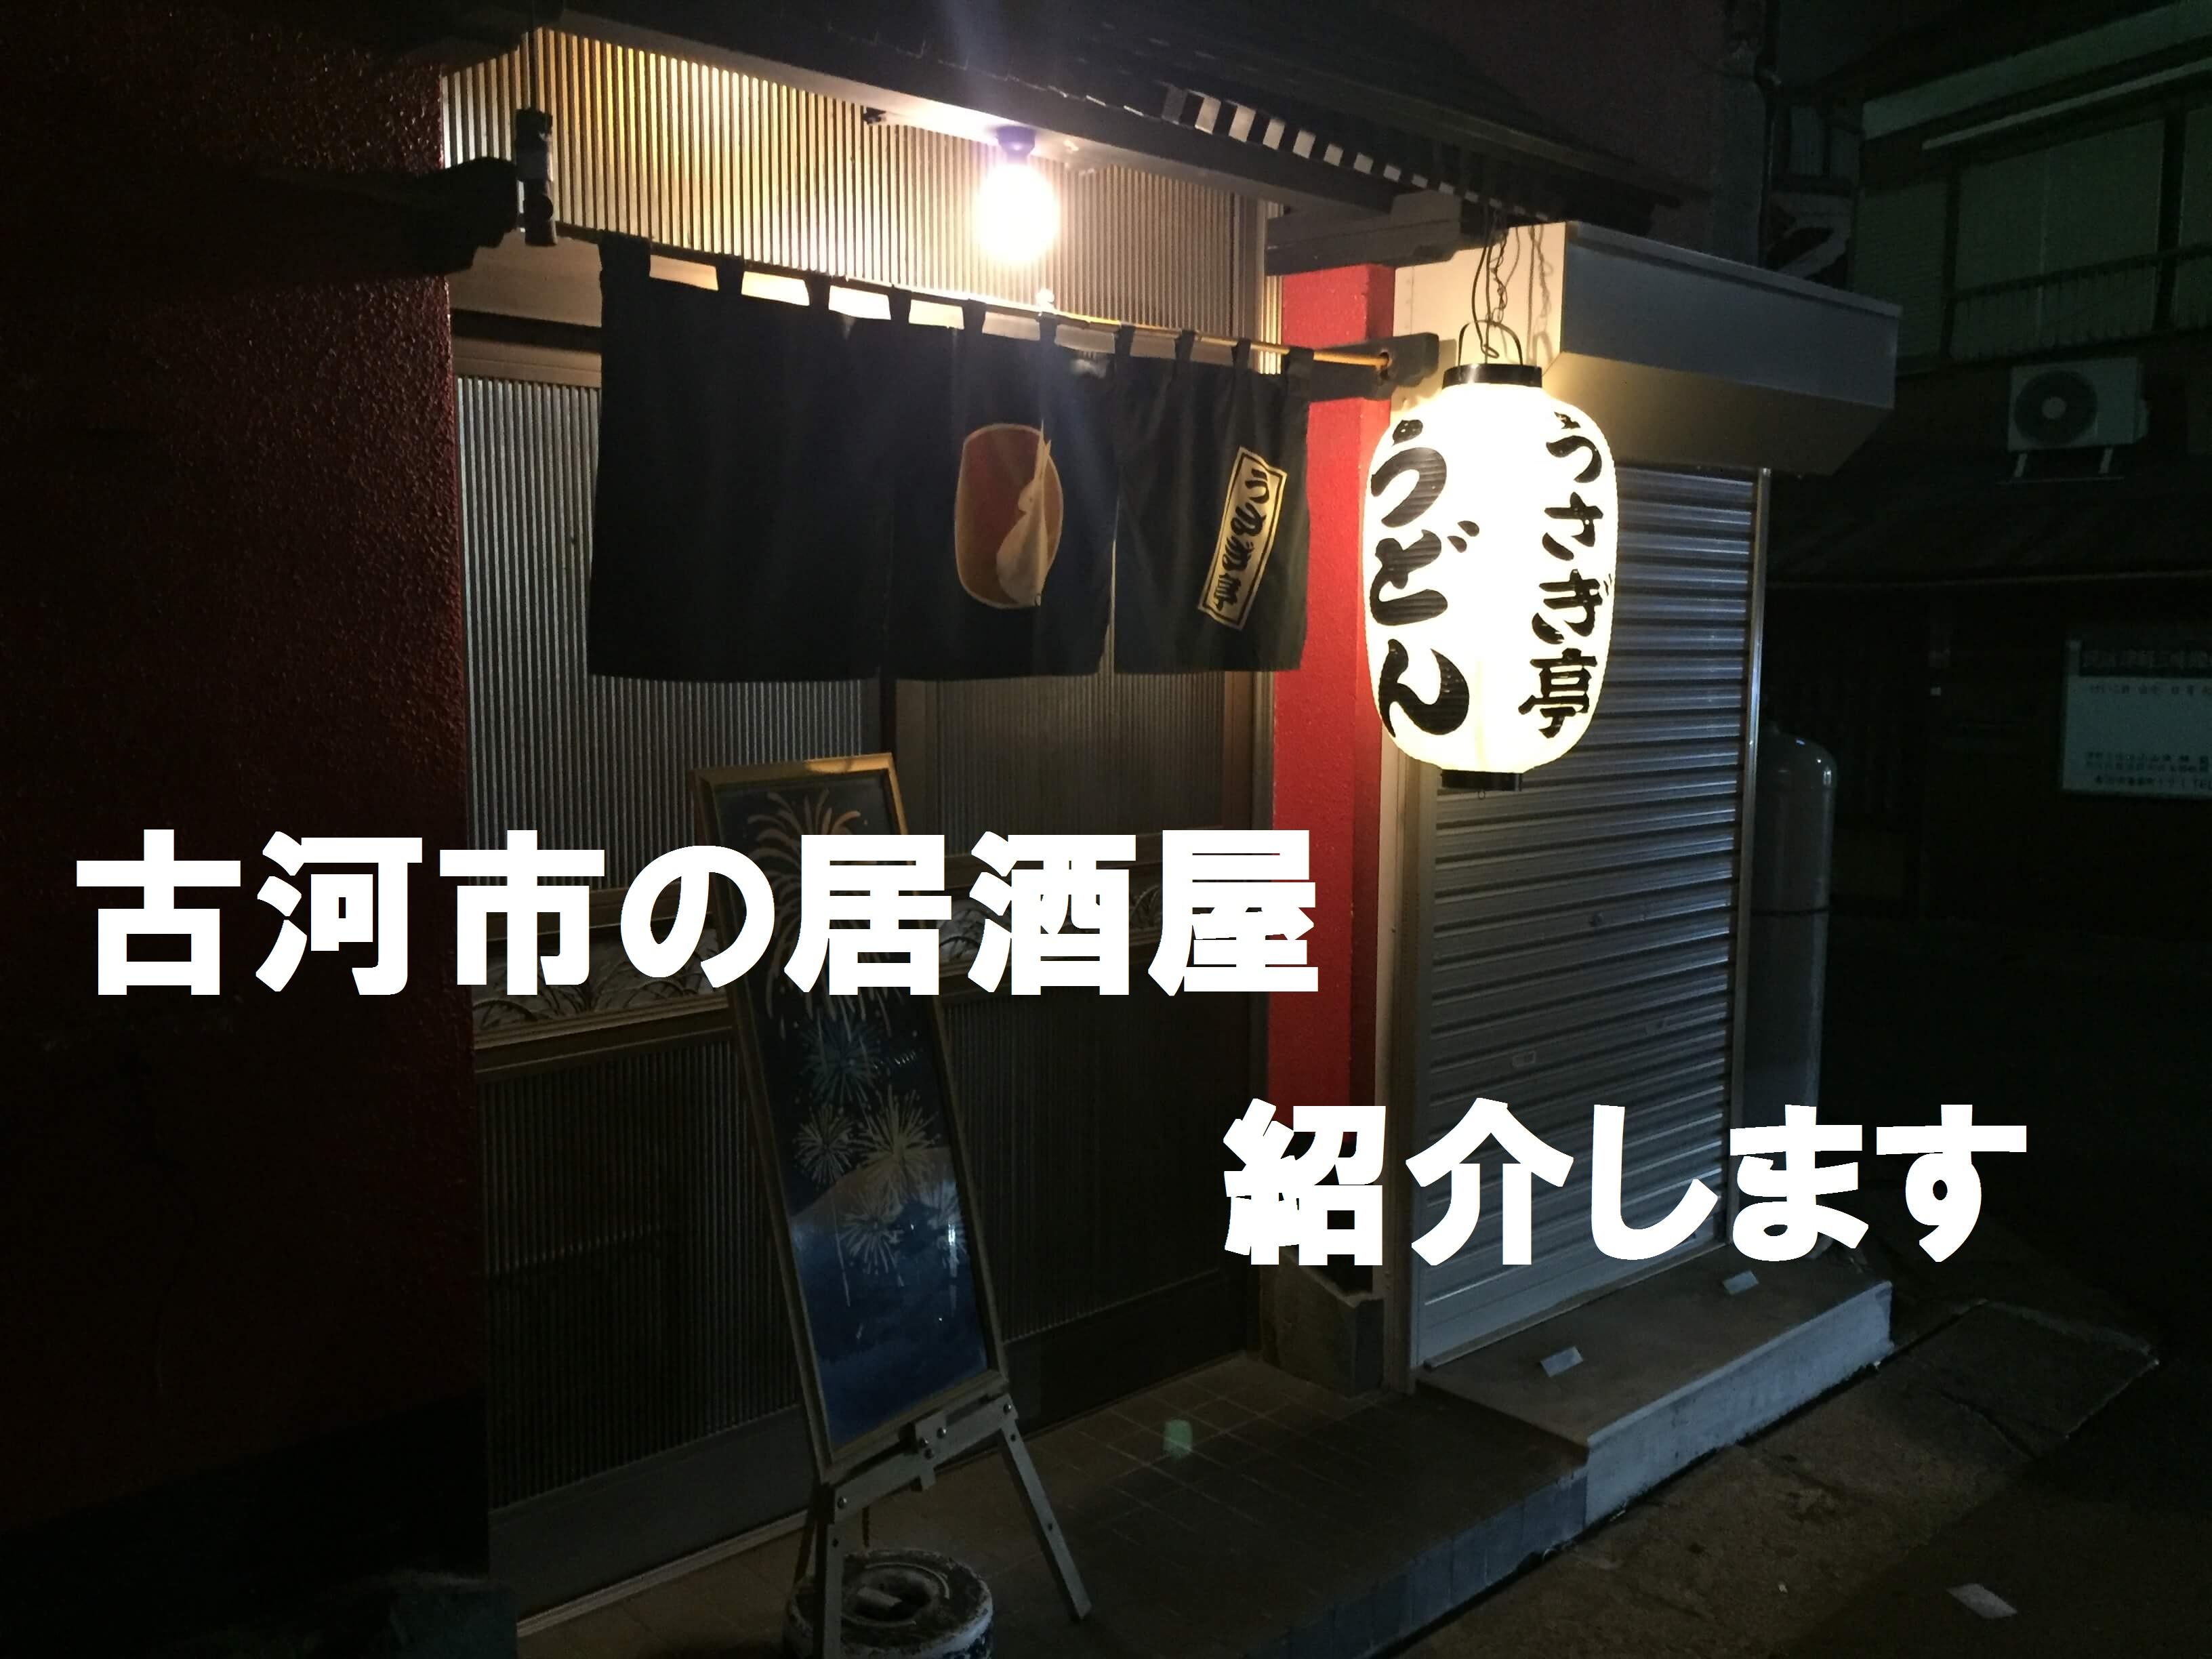 古河駅から徒歩1分、居酒屋「うさぎ亭」!居酒屋で迷ったらコチラ!!